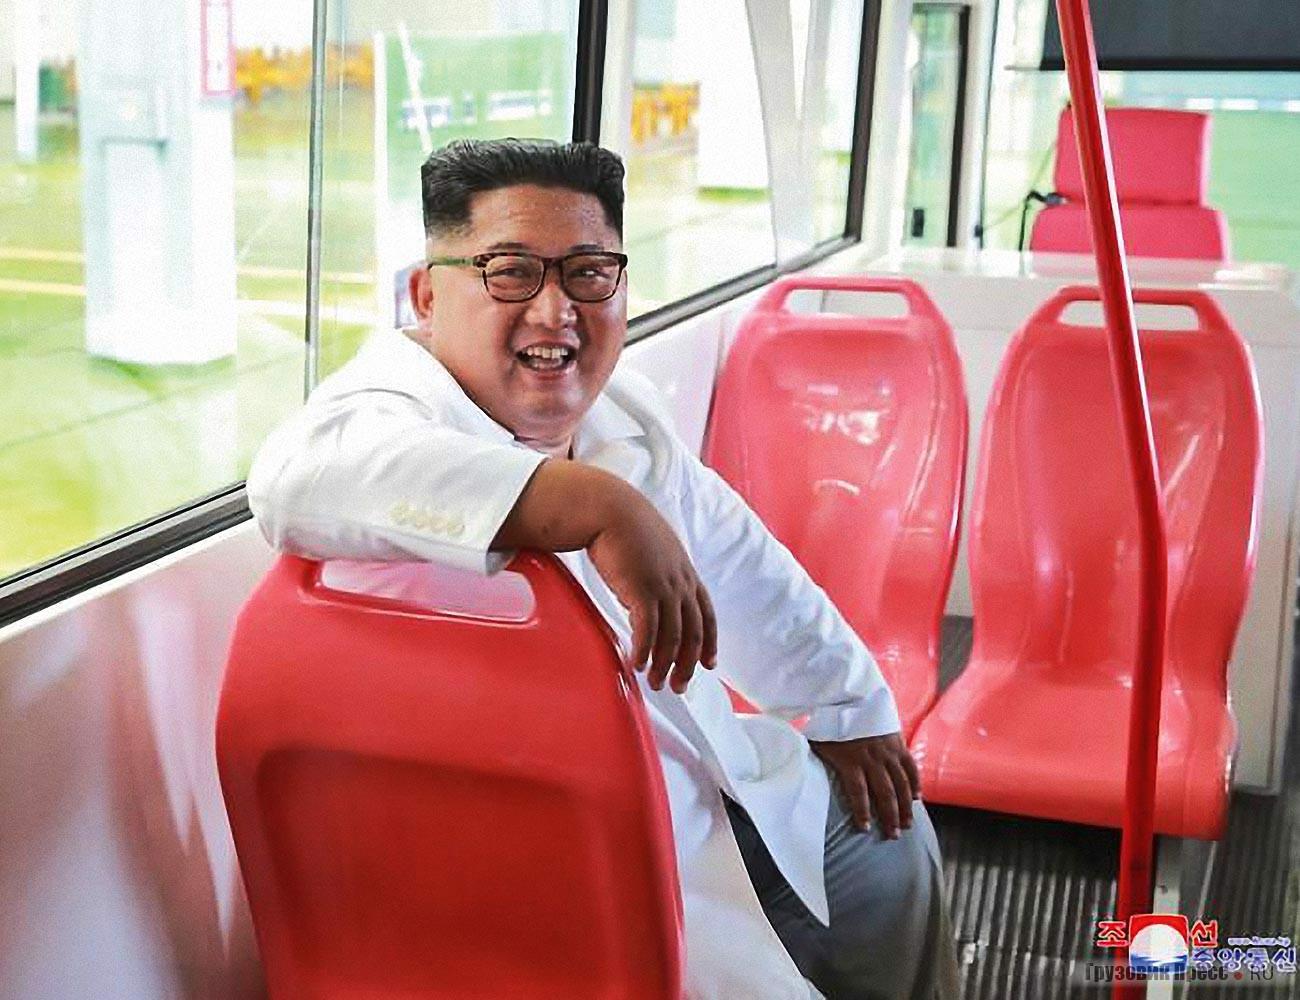 Руководитель страны остался доволен новыми пластиковыми сиденьями в троллейбусе